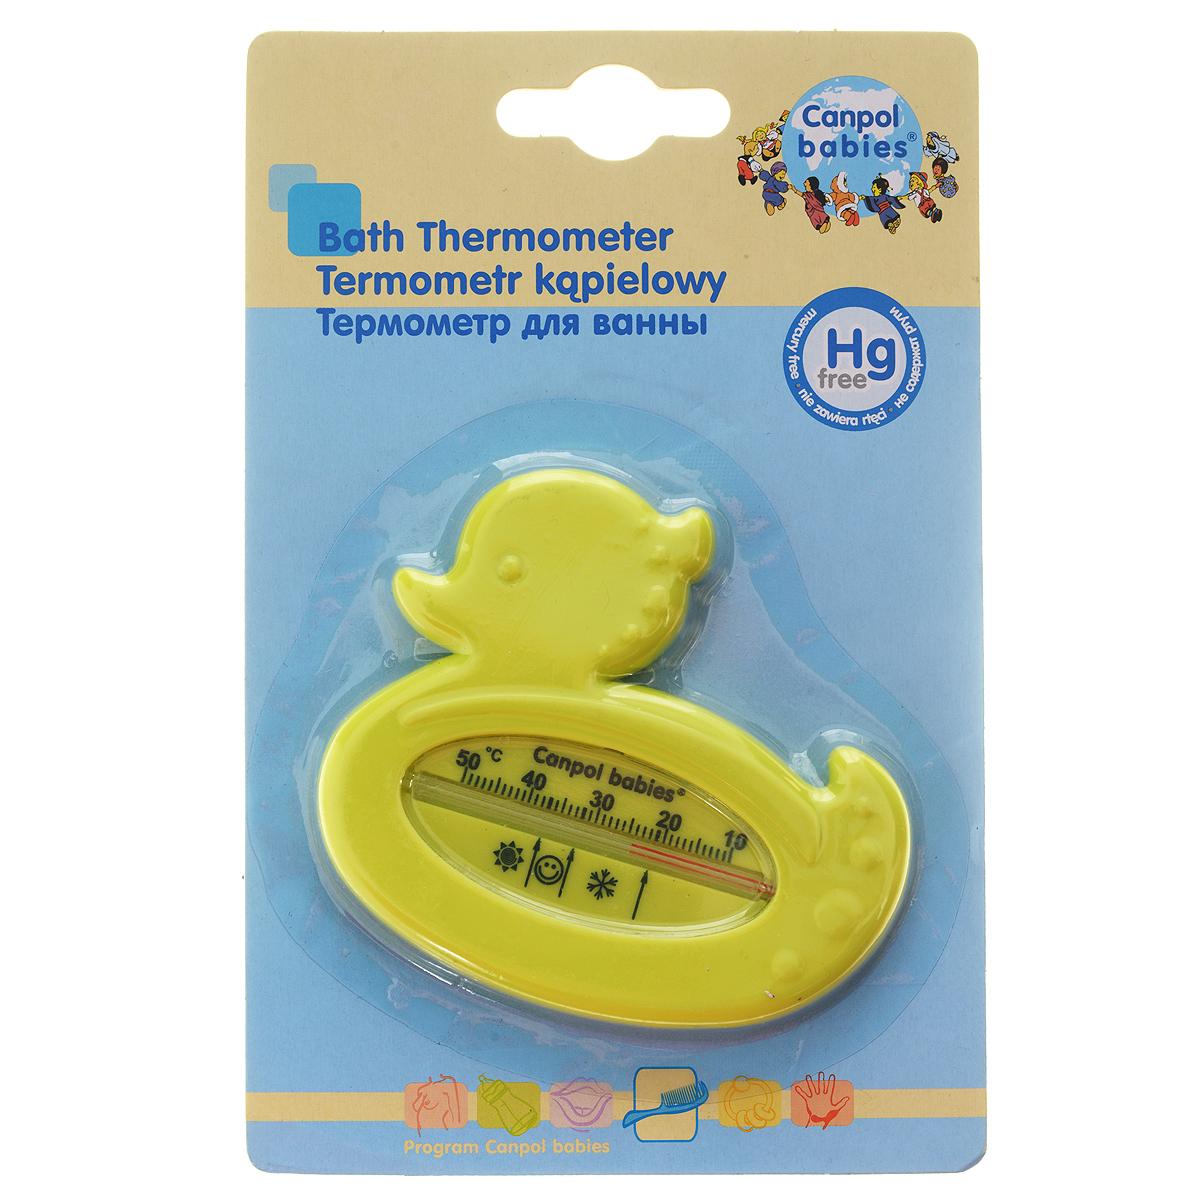 Canpol Babies Термометр для воды цвет зеленый2/781_зеленыйТермометр для воды Canpol Babies выполнен из безопасного материала в форме уточки. Термометр без использования ртути позволяет измерять температуру воды точно, а необычная форма будет привлекать внимание малыша во время купания. Оптимальная температура воды для ребенка от 32°С до 37°С отмечена на шкале изображением смайлика.